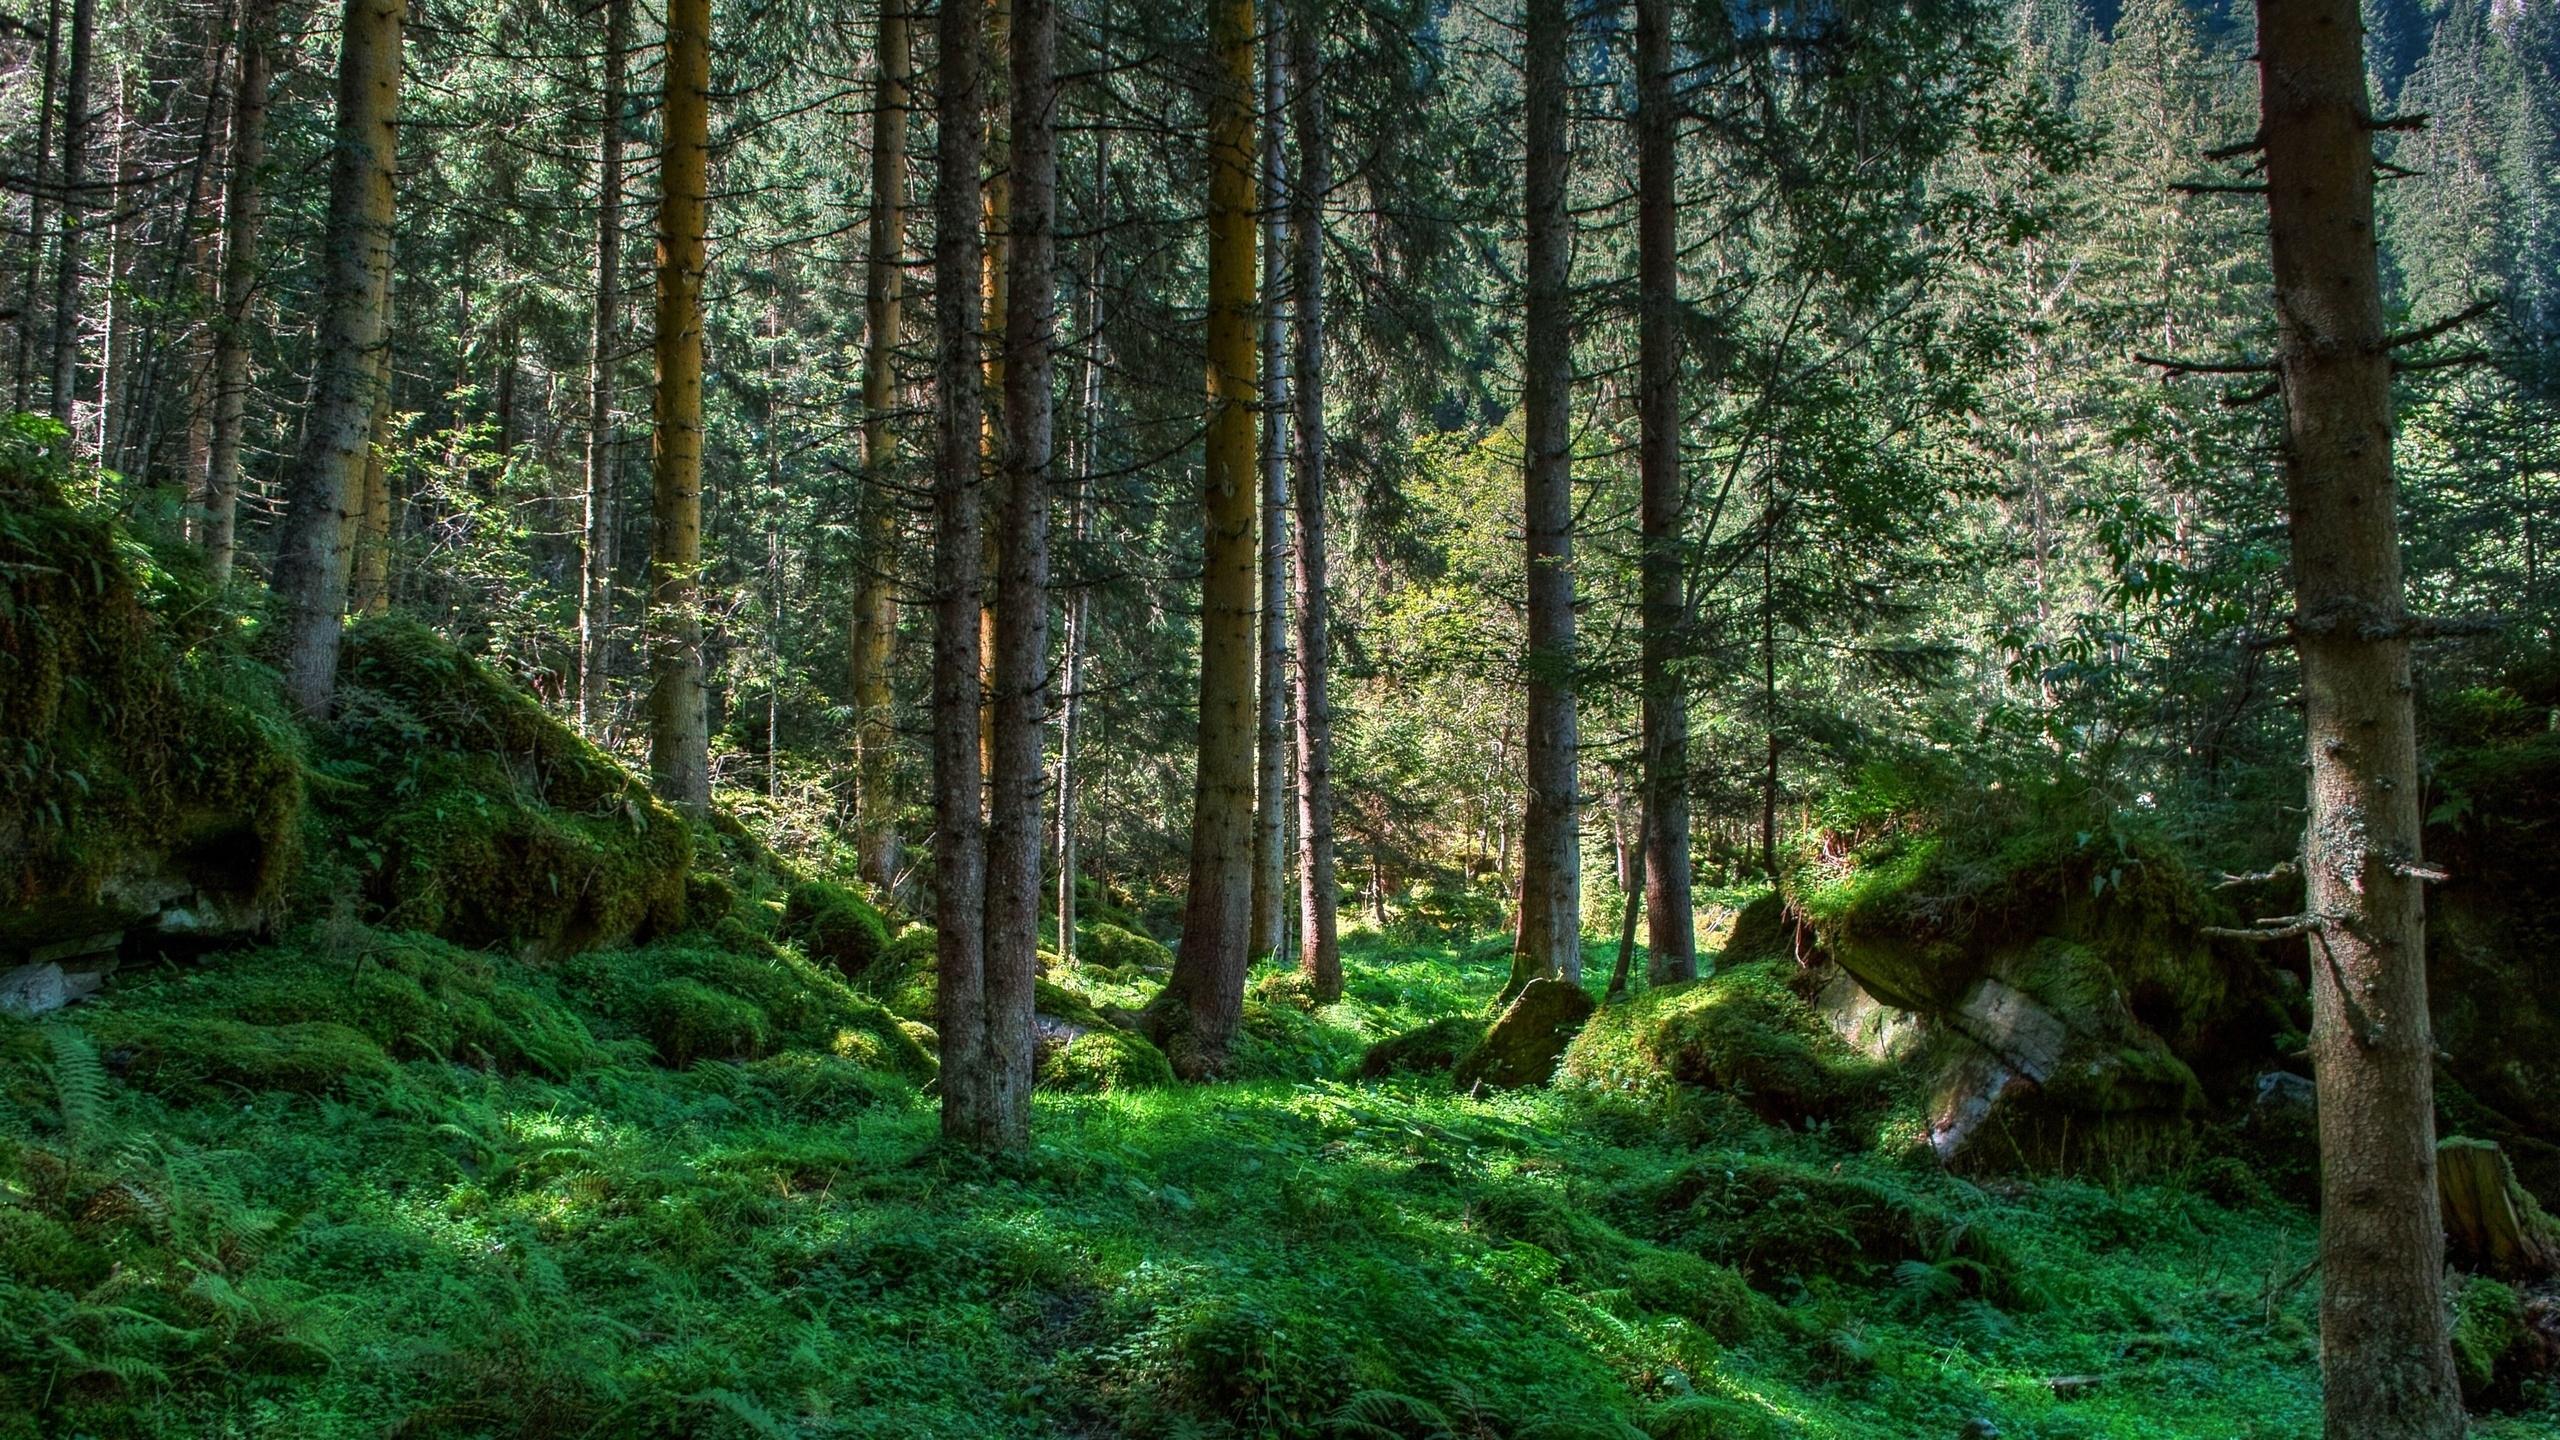 landscape_hdr_93600_2560x1440